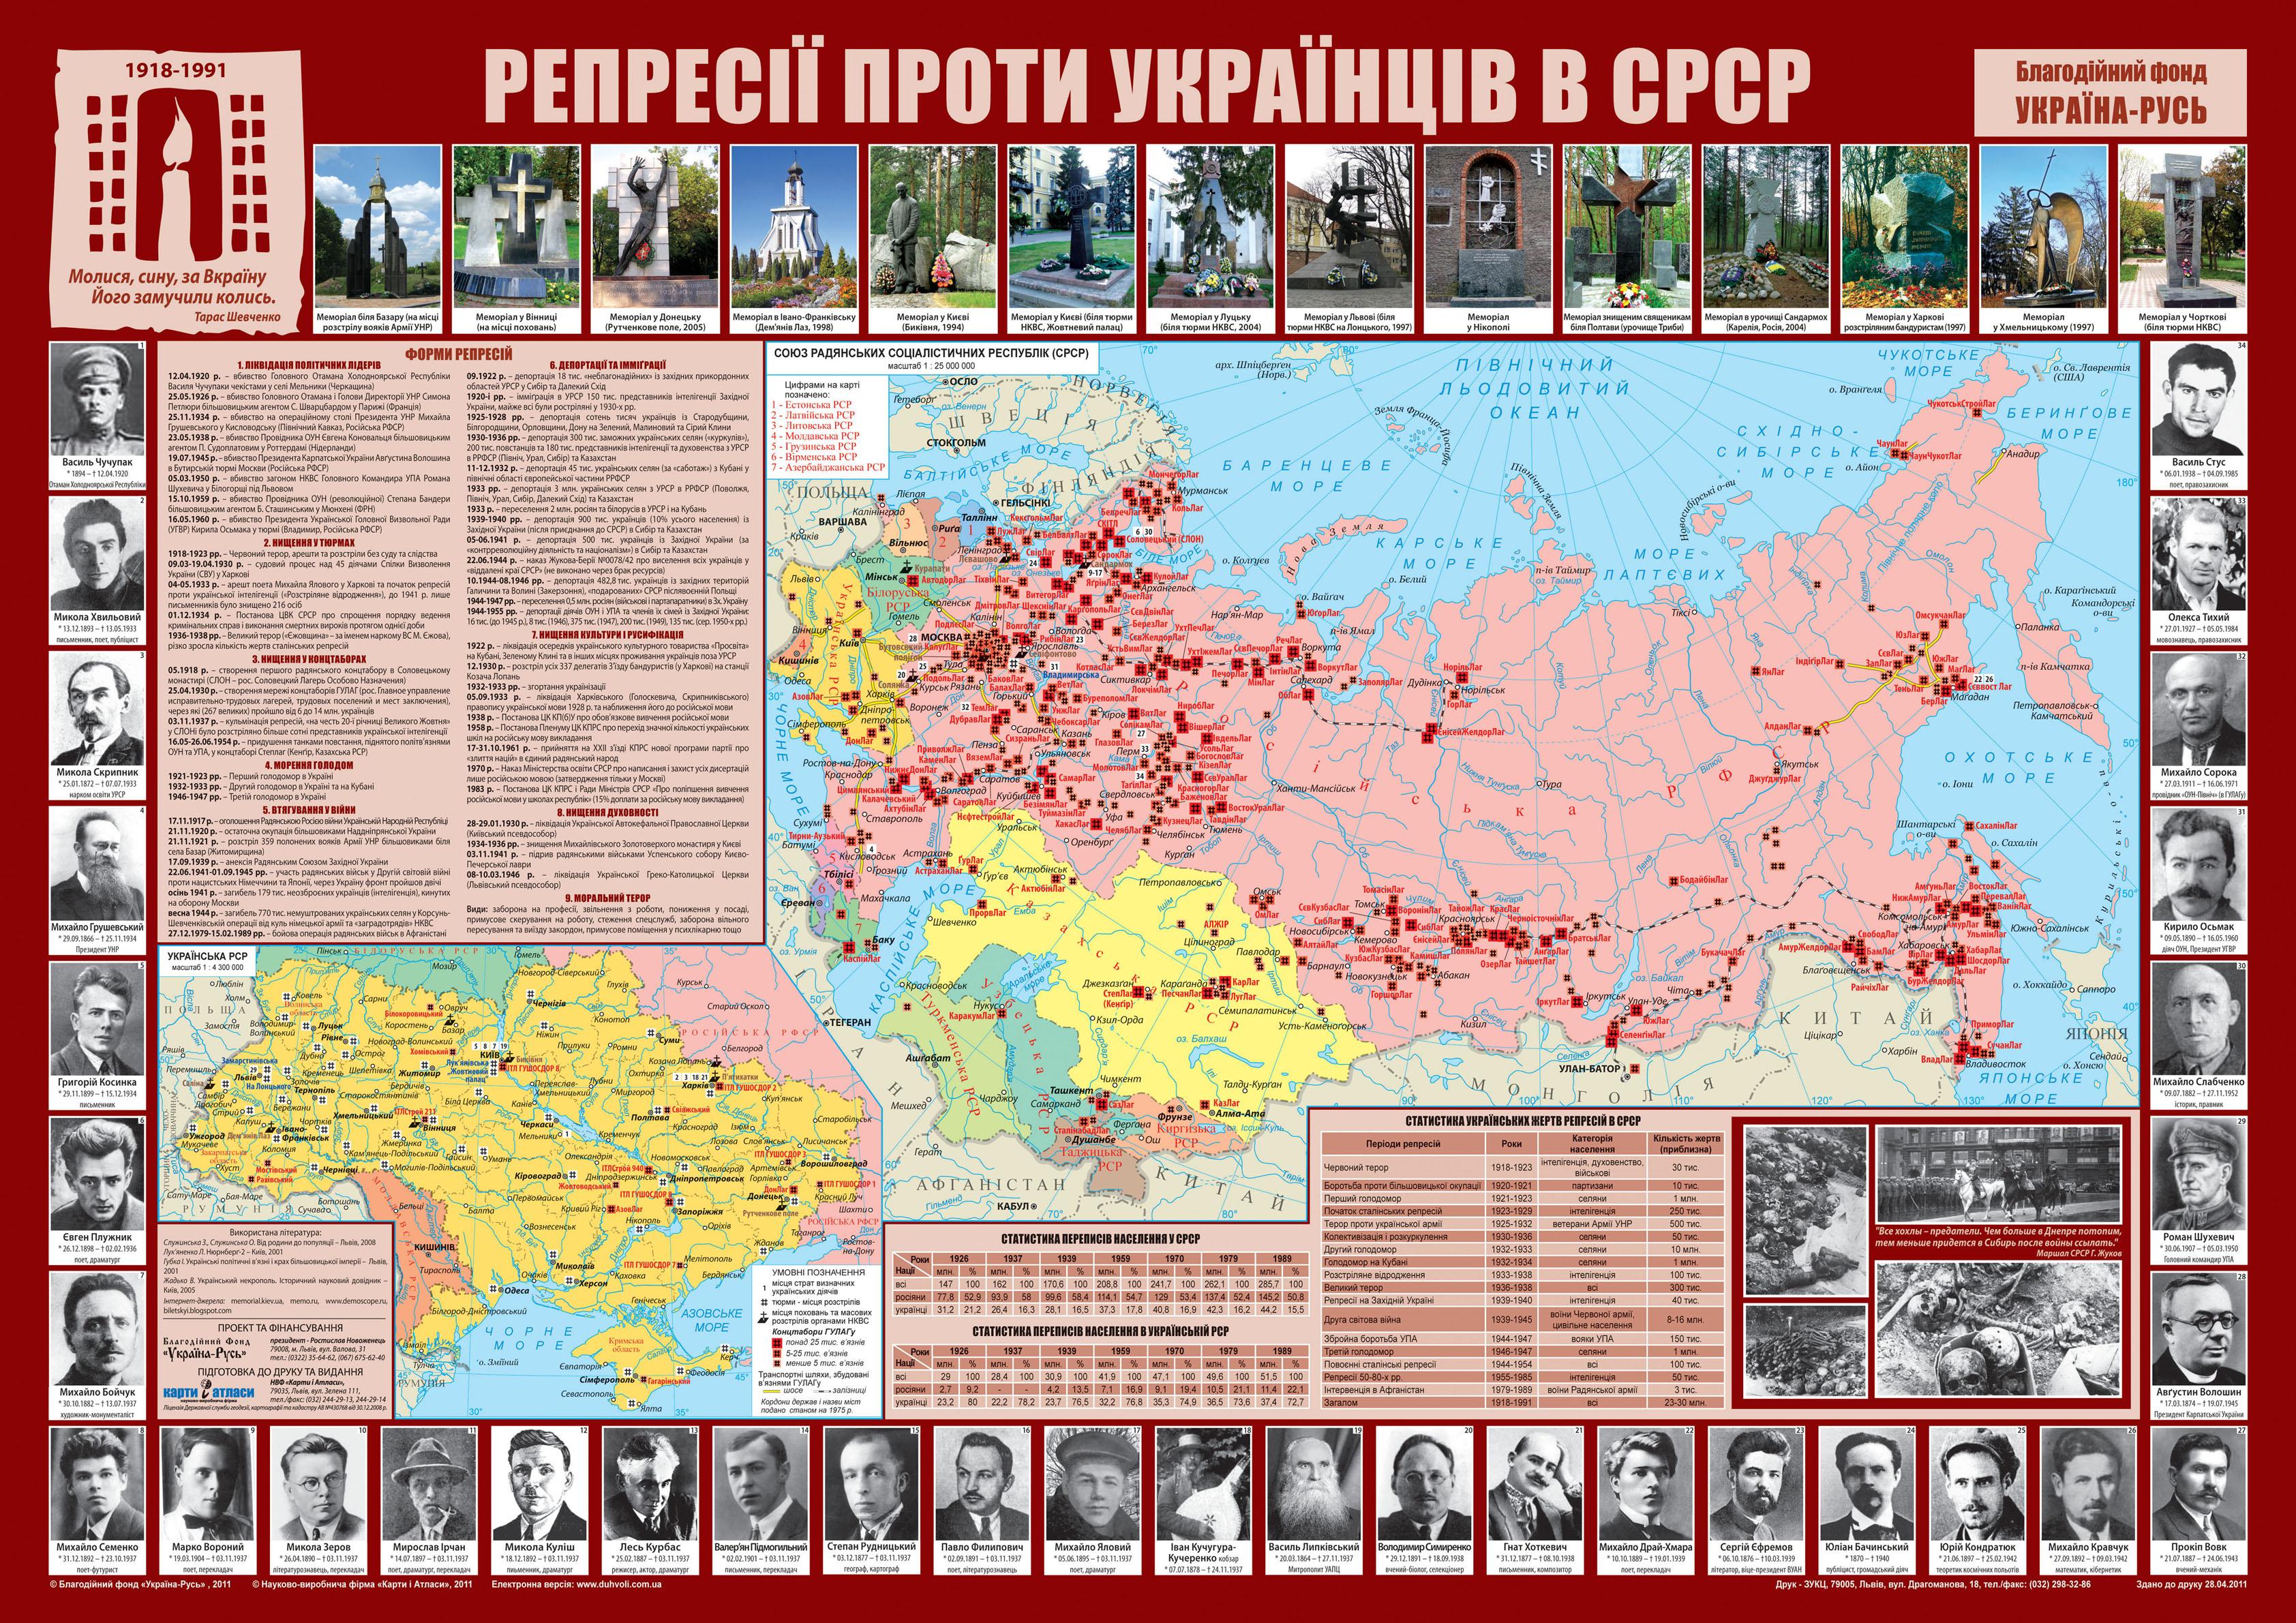 карта - Репресії проти українців в СРСР